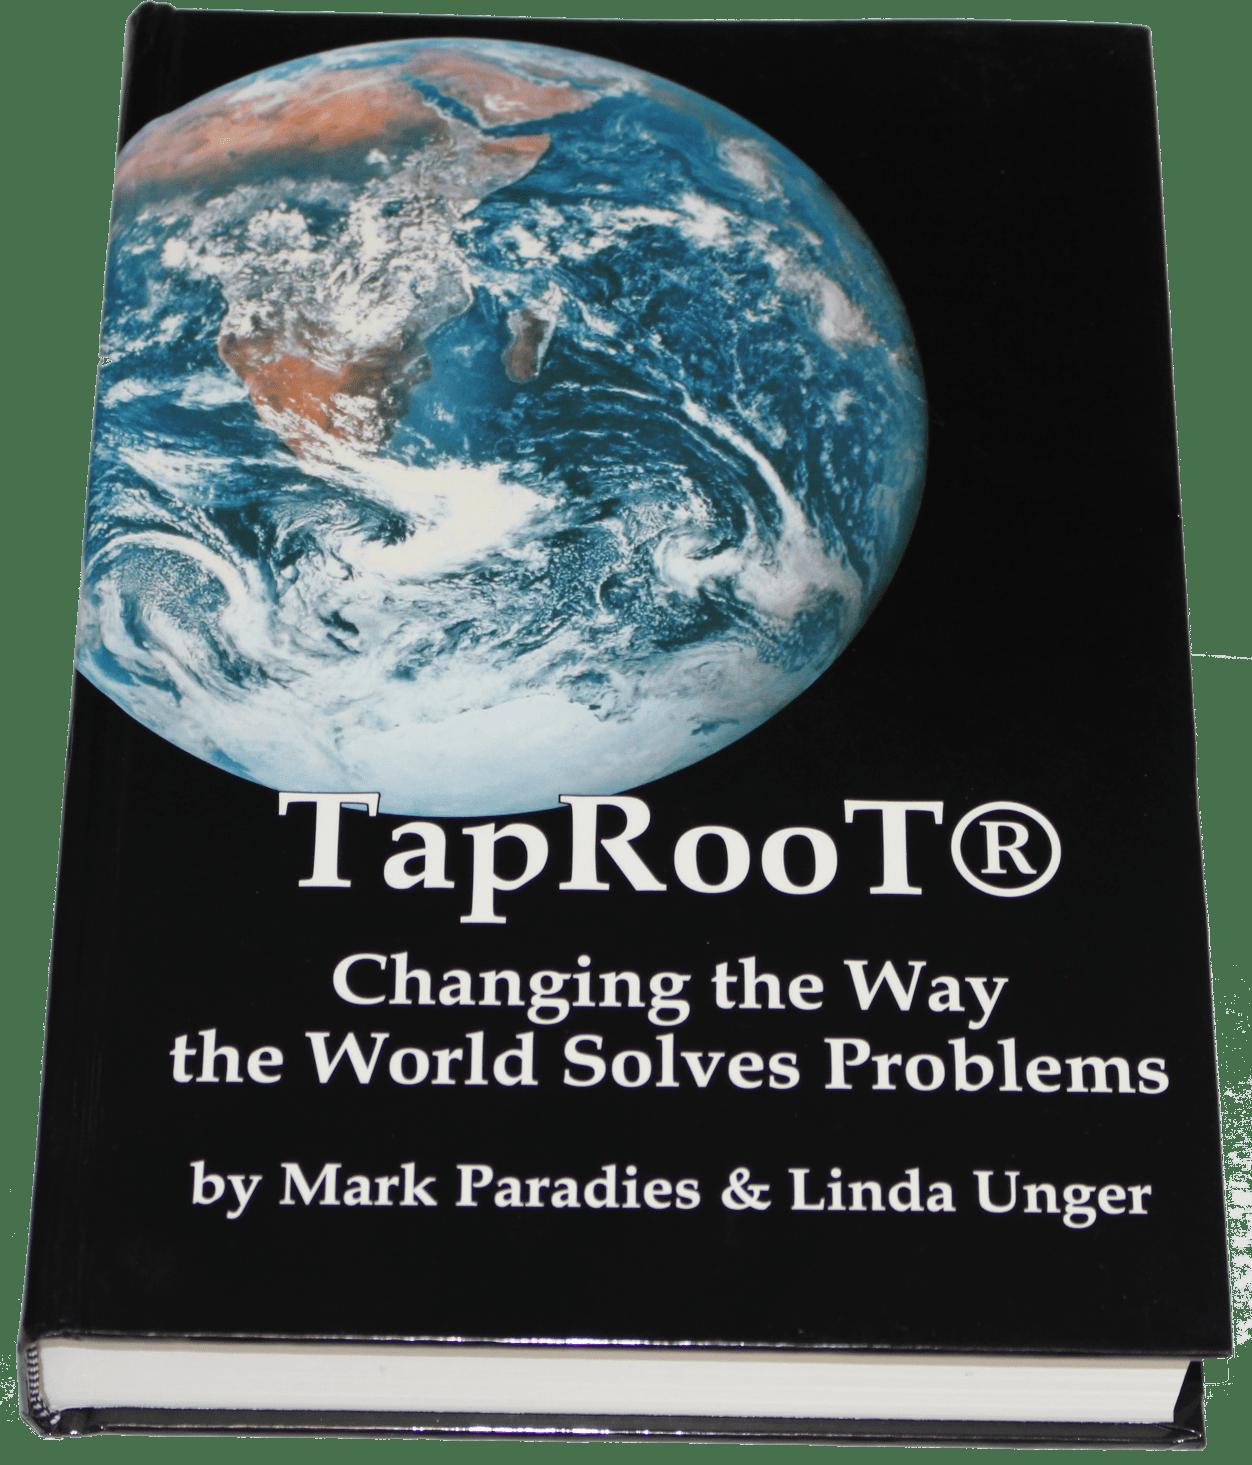 2008 Book